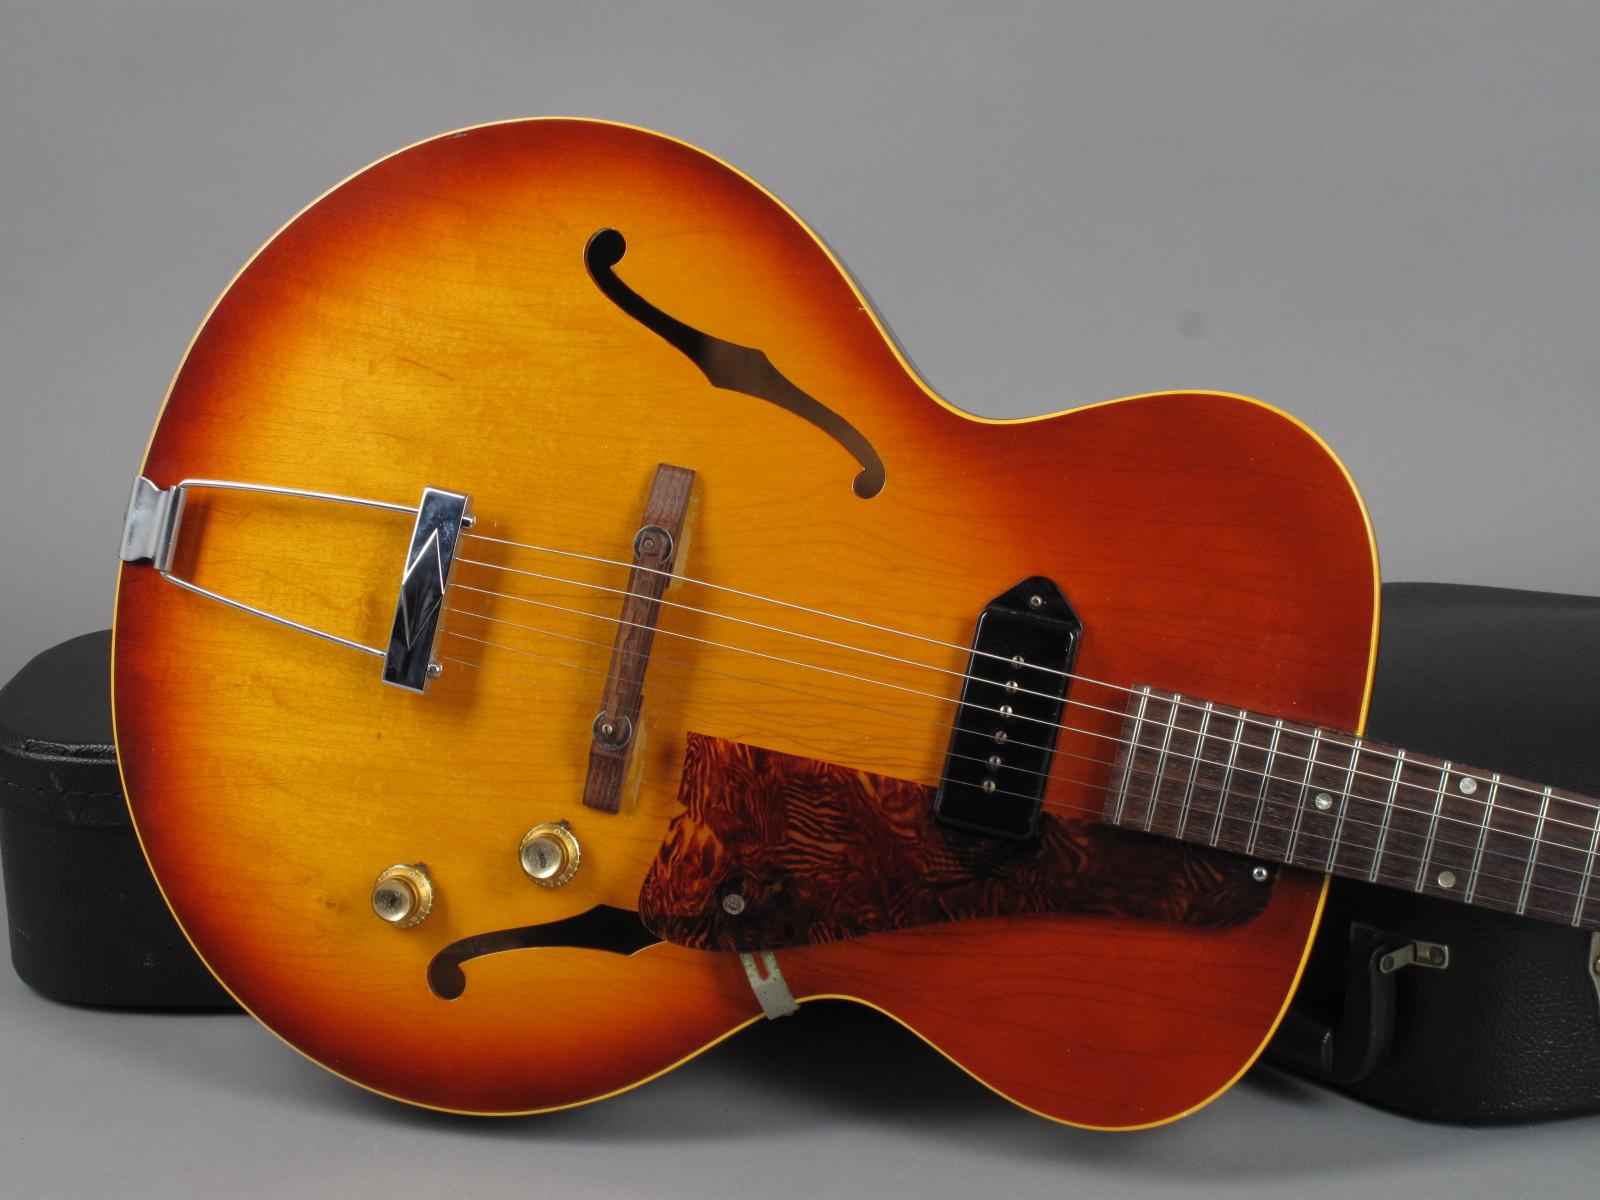 https://guitarpoint.de/app/uploads/products/gibson-es-125t-sunburst/1965-Gibson-ES-125T-360253-9.jpg